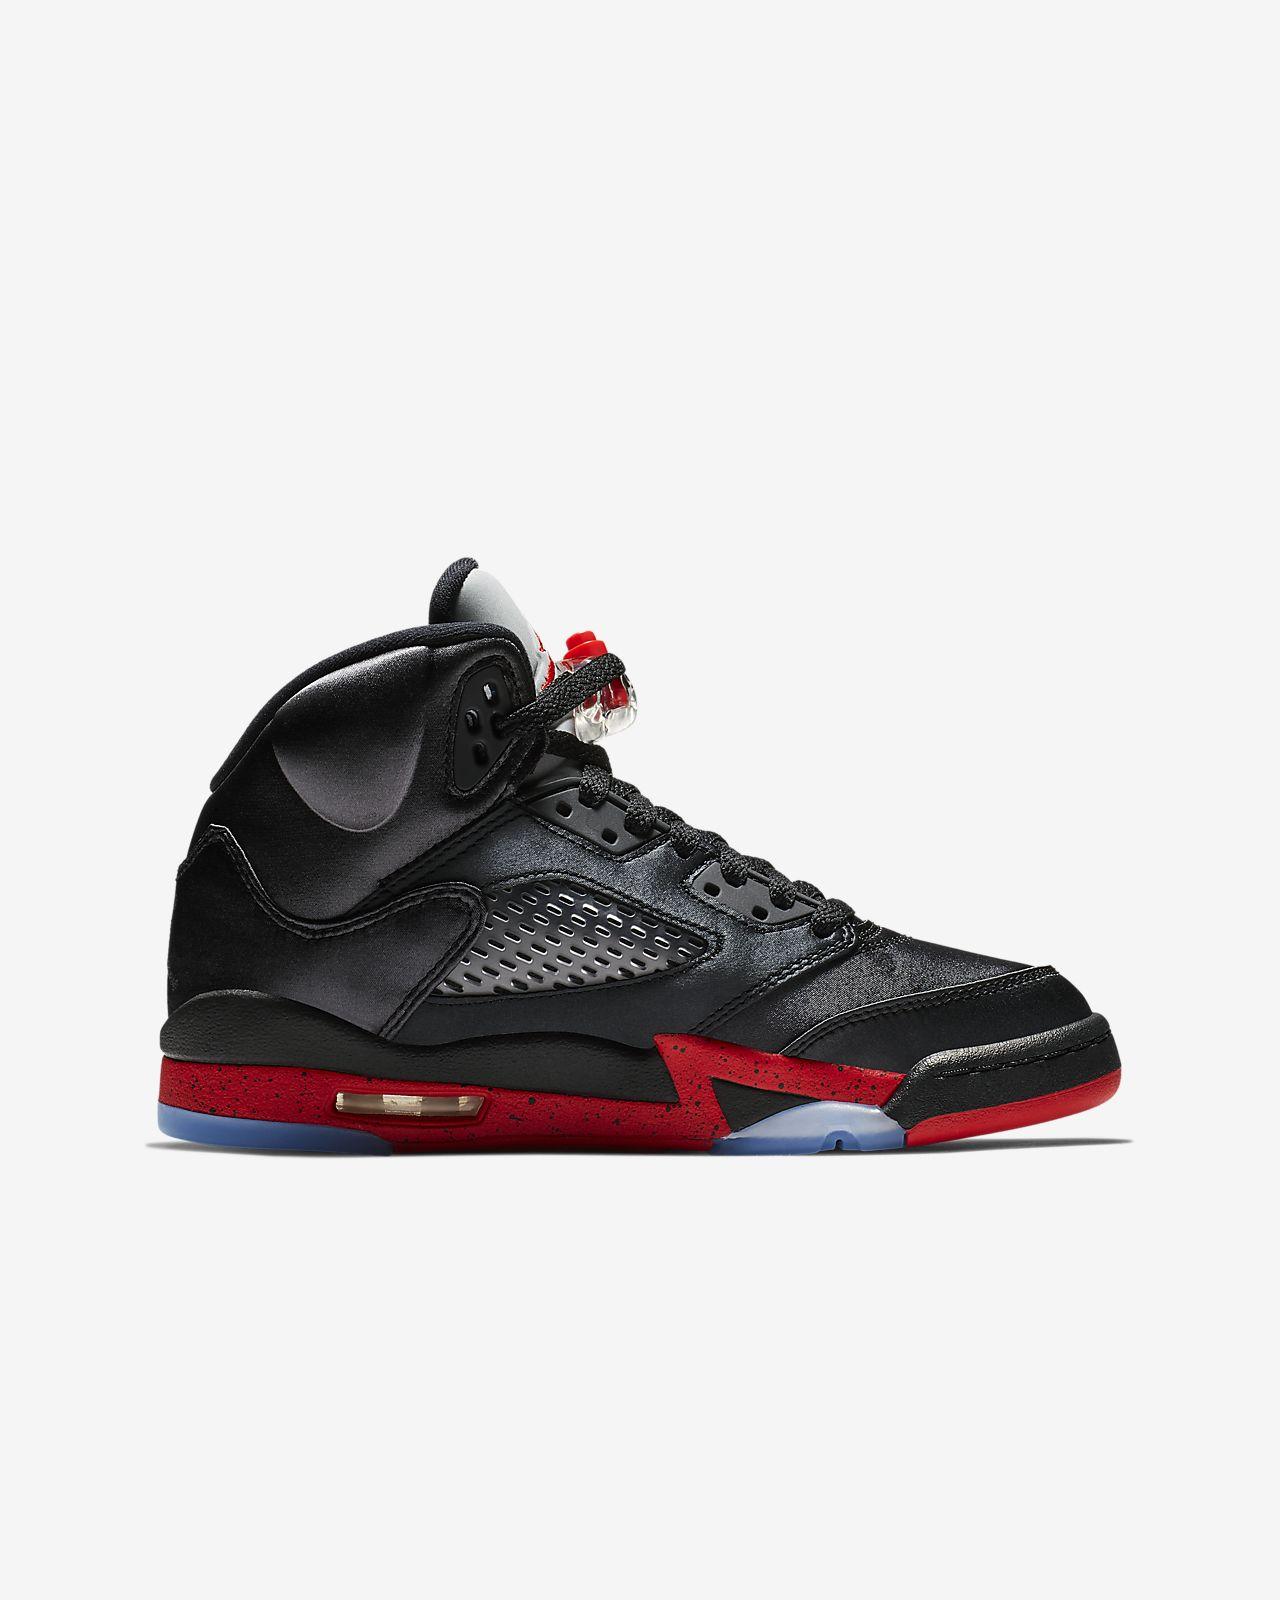 9fb083a06be52 Air Jordan 5 Retro Zapatillas - Niño a. Nike.com ES